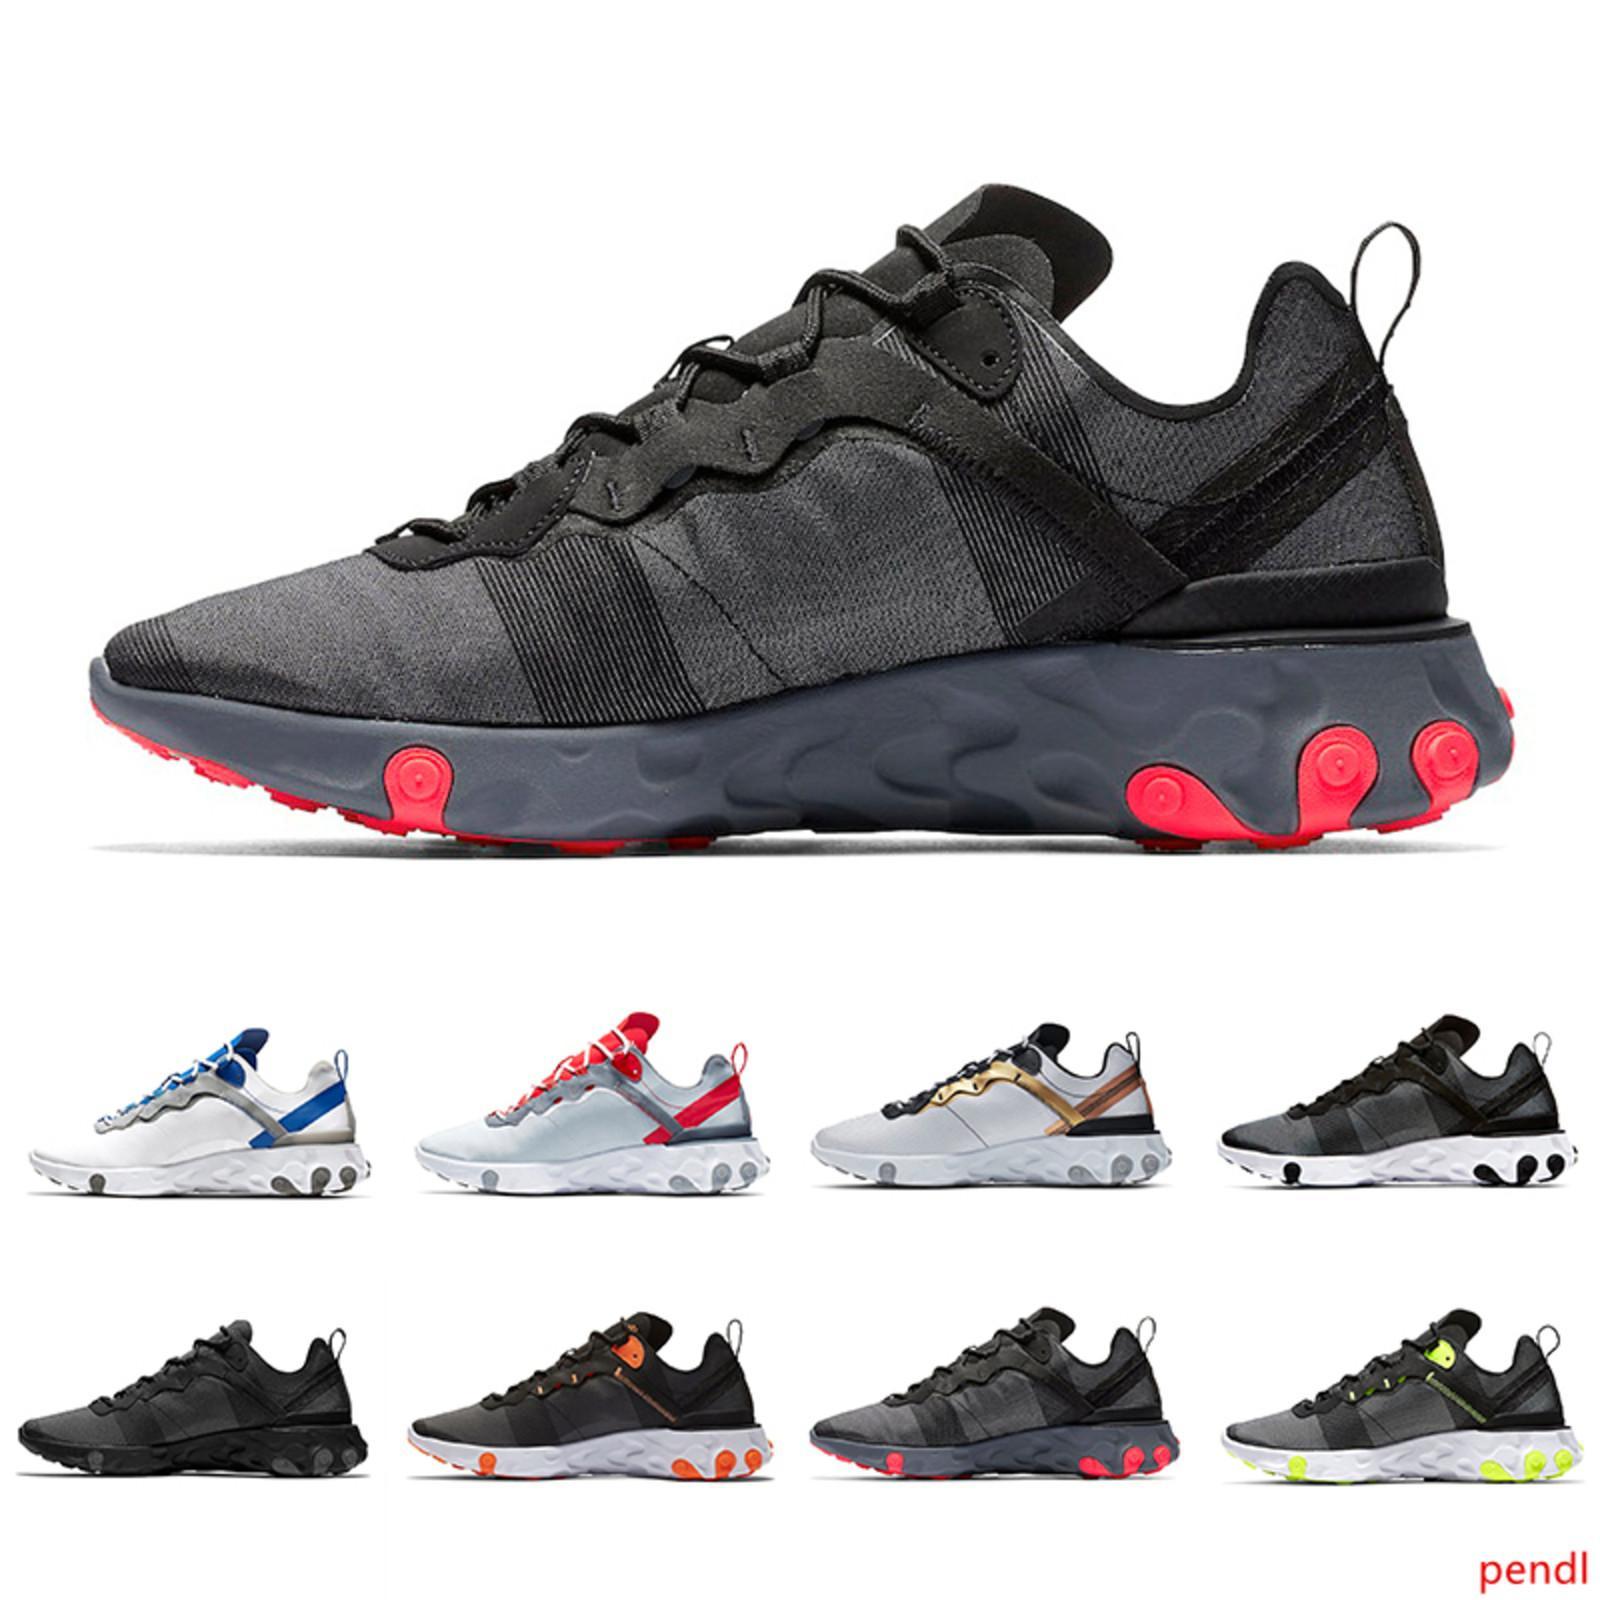 Barato Triple negro rojo solar Reaccionar Elemento 55 Total Hombres Naranja Ejecución zapatos para las mujeres diseñador de las mujeres Deportes instructor para hombre de las zapatillas de deporte 36-45 55s